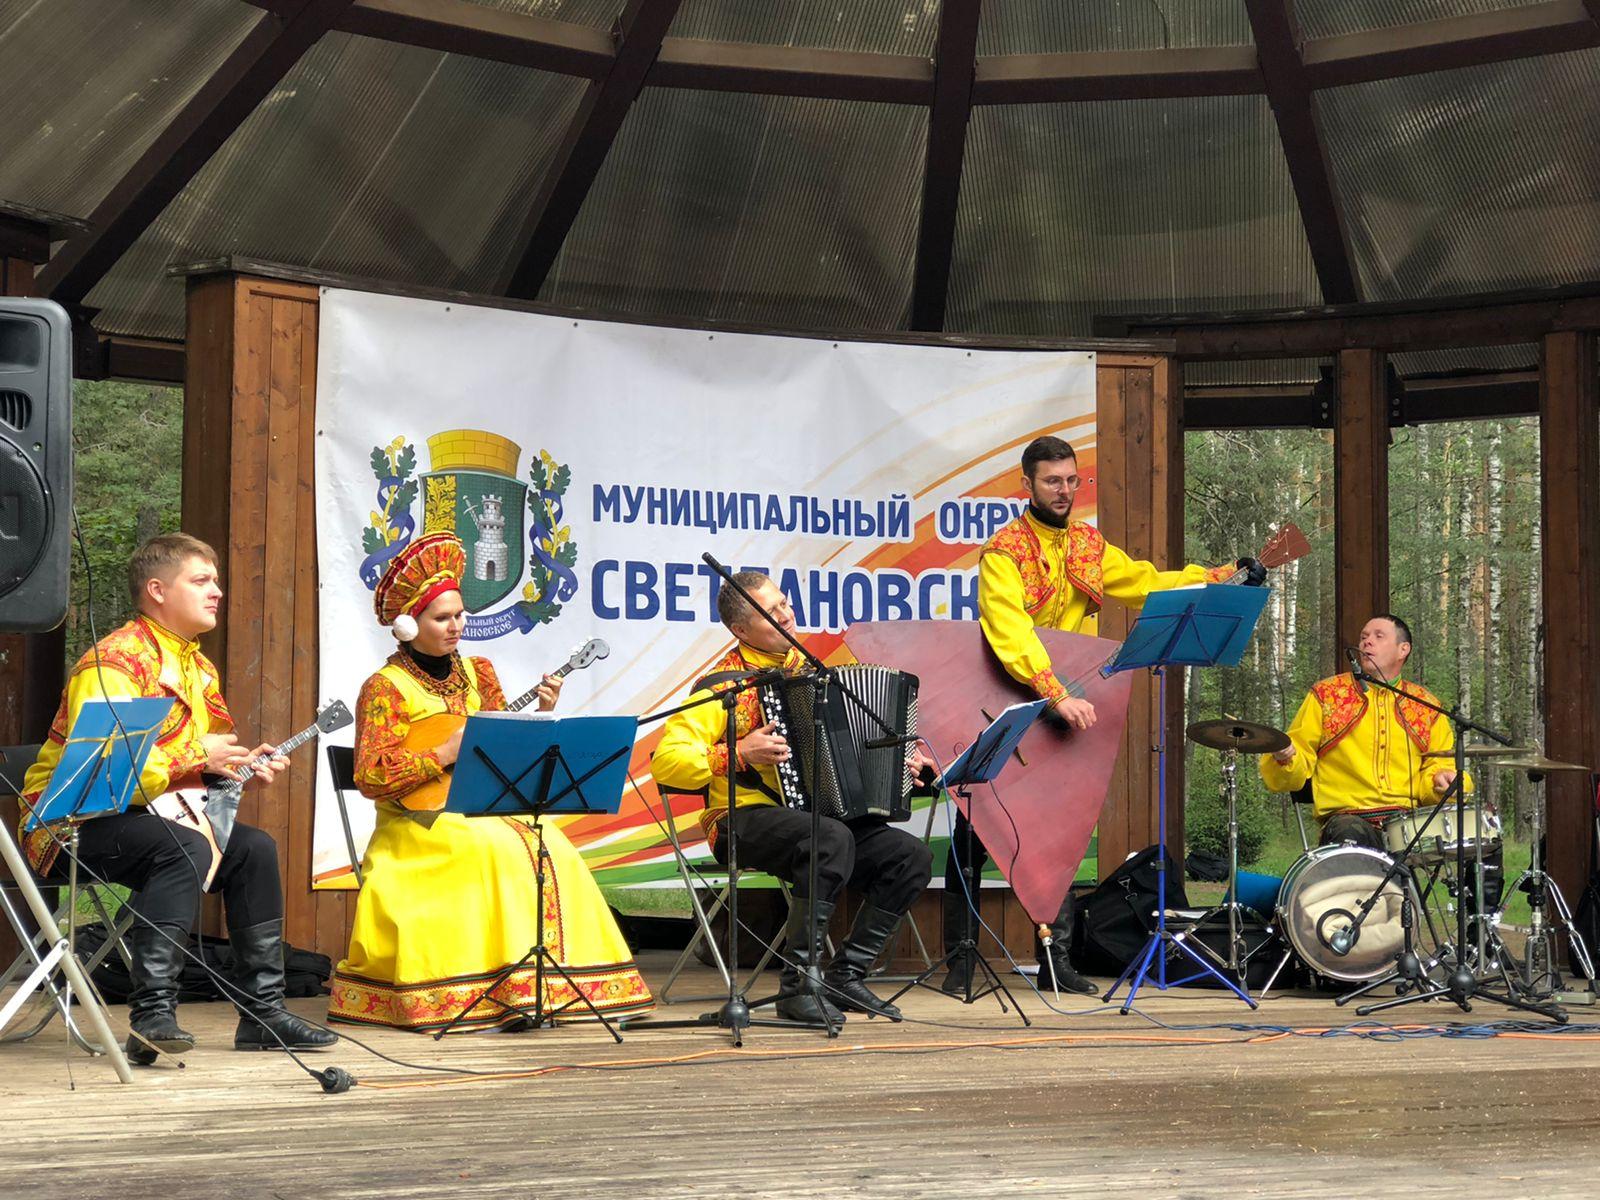 На летней эстраде (сцене с навесом) в парке Сосновка (на фоне деревья и кустарники) играют музыканты (5 человек в русских народных костюмах: желтые рубашки с оранжевыми нашивками, черные штаны) на музыкальных инструментах. По бокам и по центру колонки.